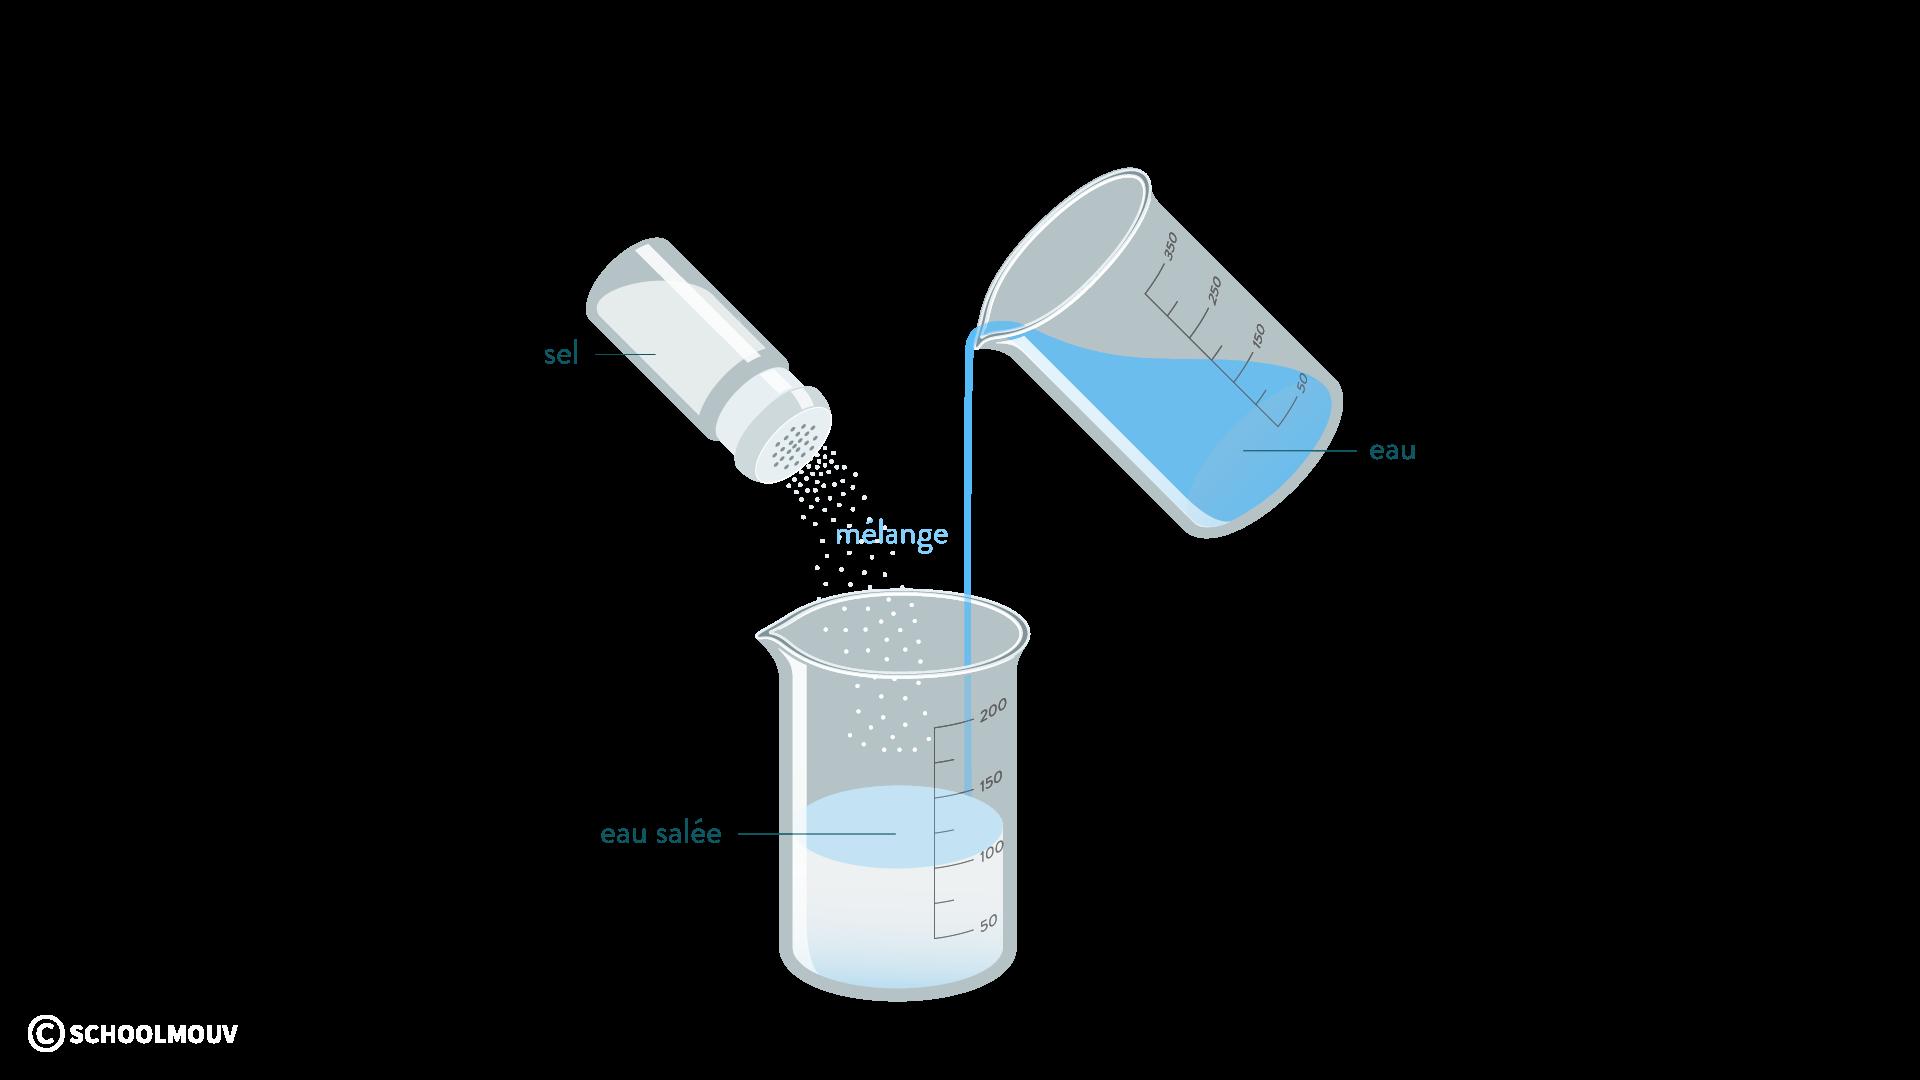 L'eau salée mélange homogène physique-chimie 6eme schoolmouv